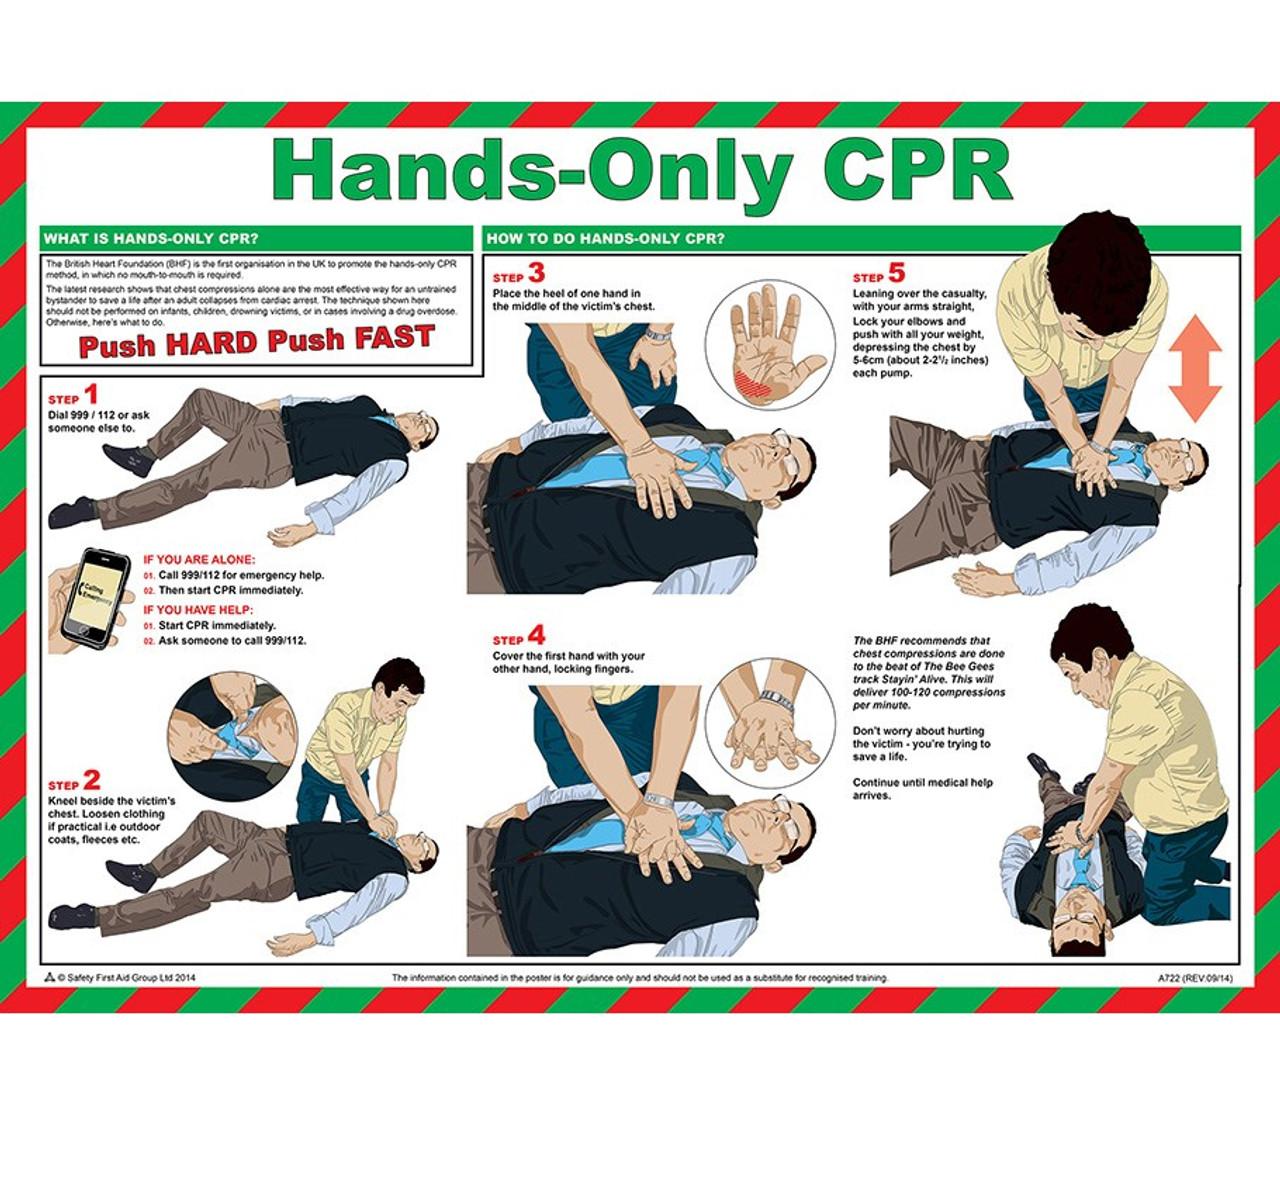 Colorado Cardiac Cpr: Hands Only CPR